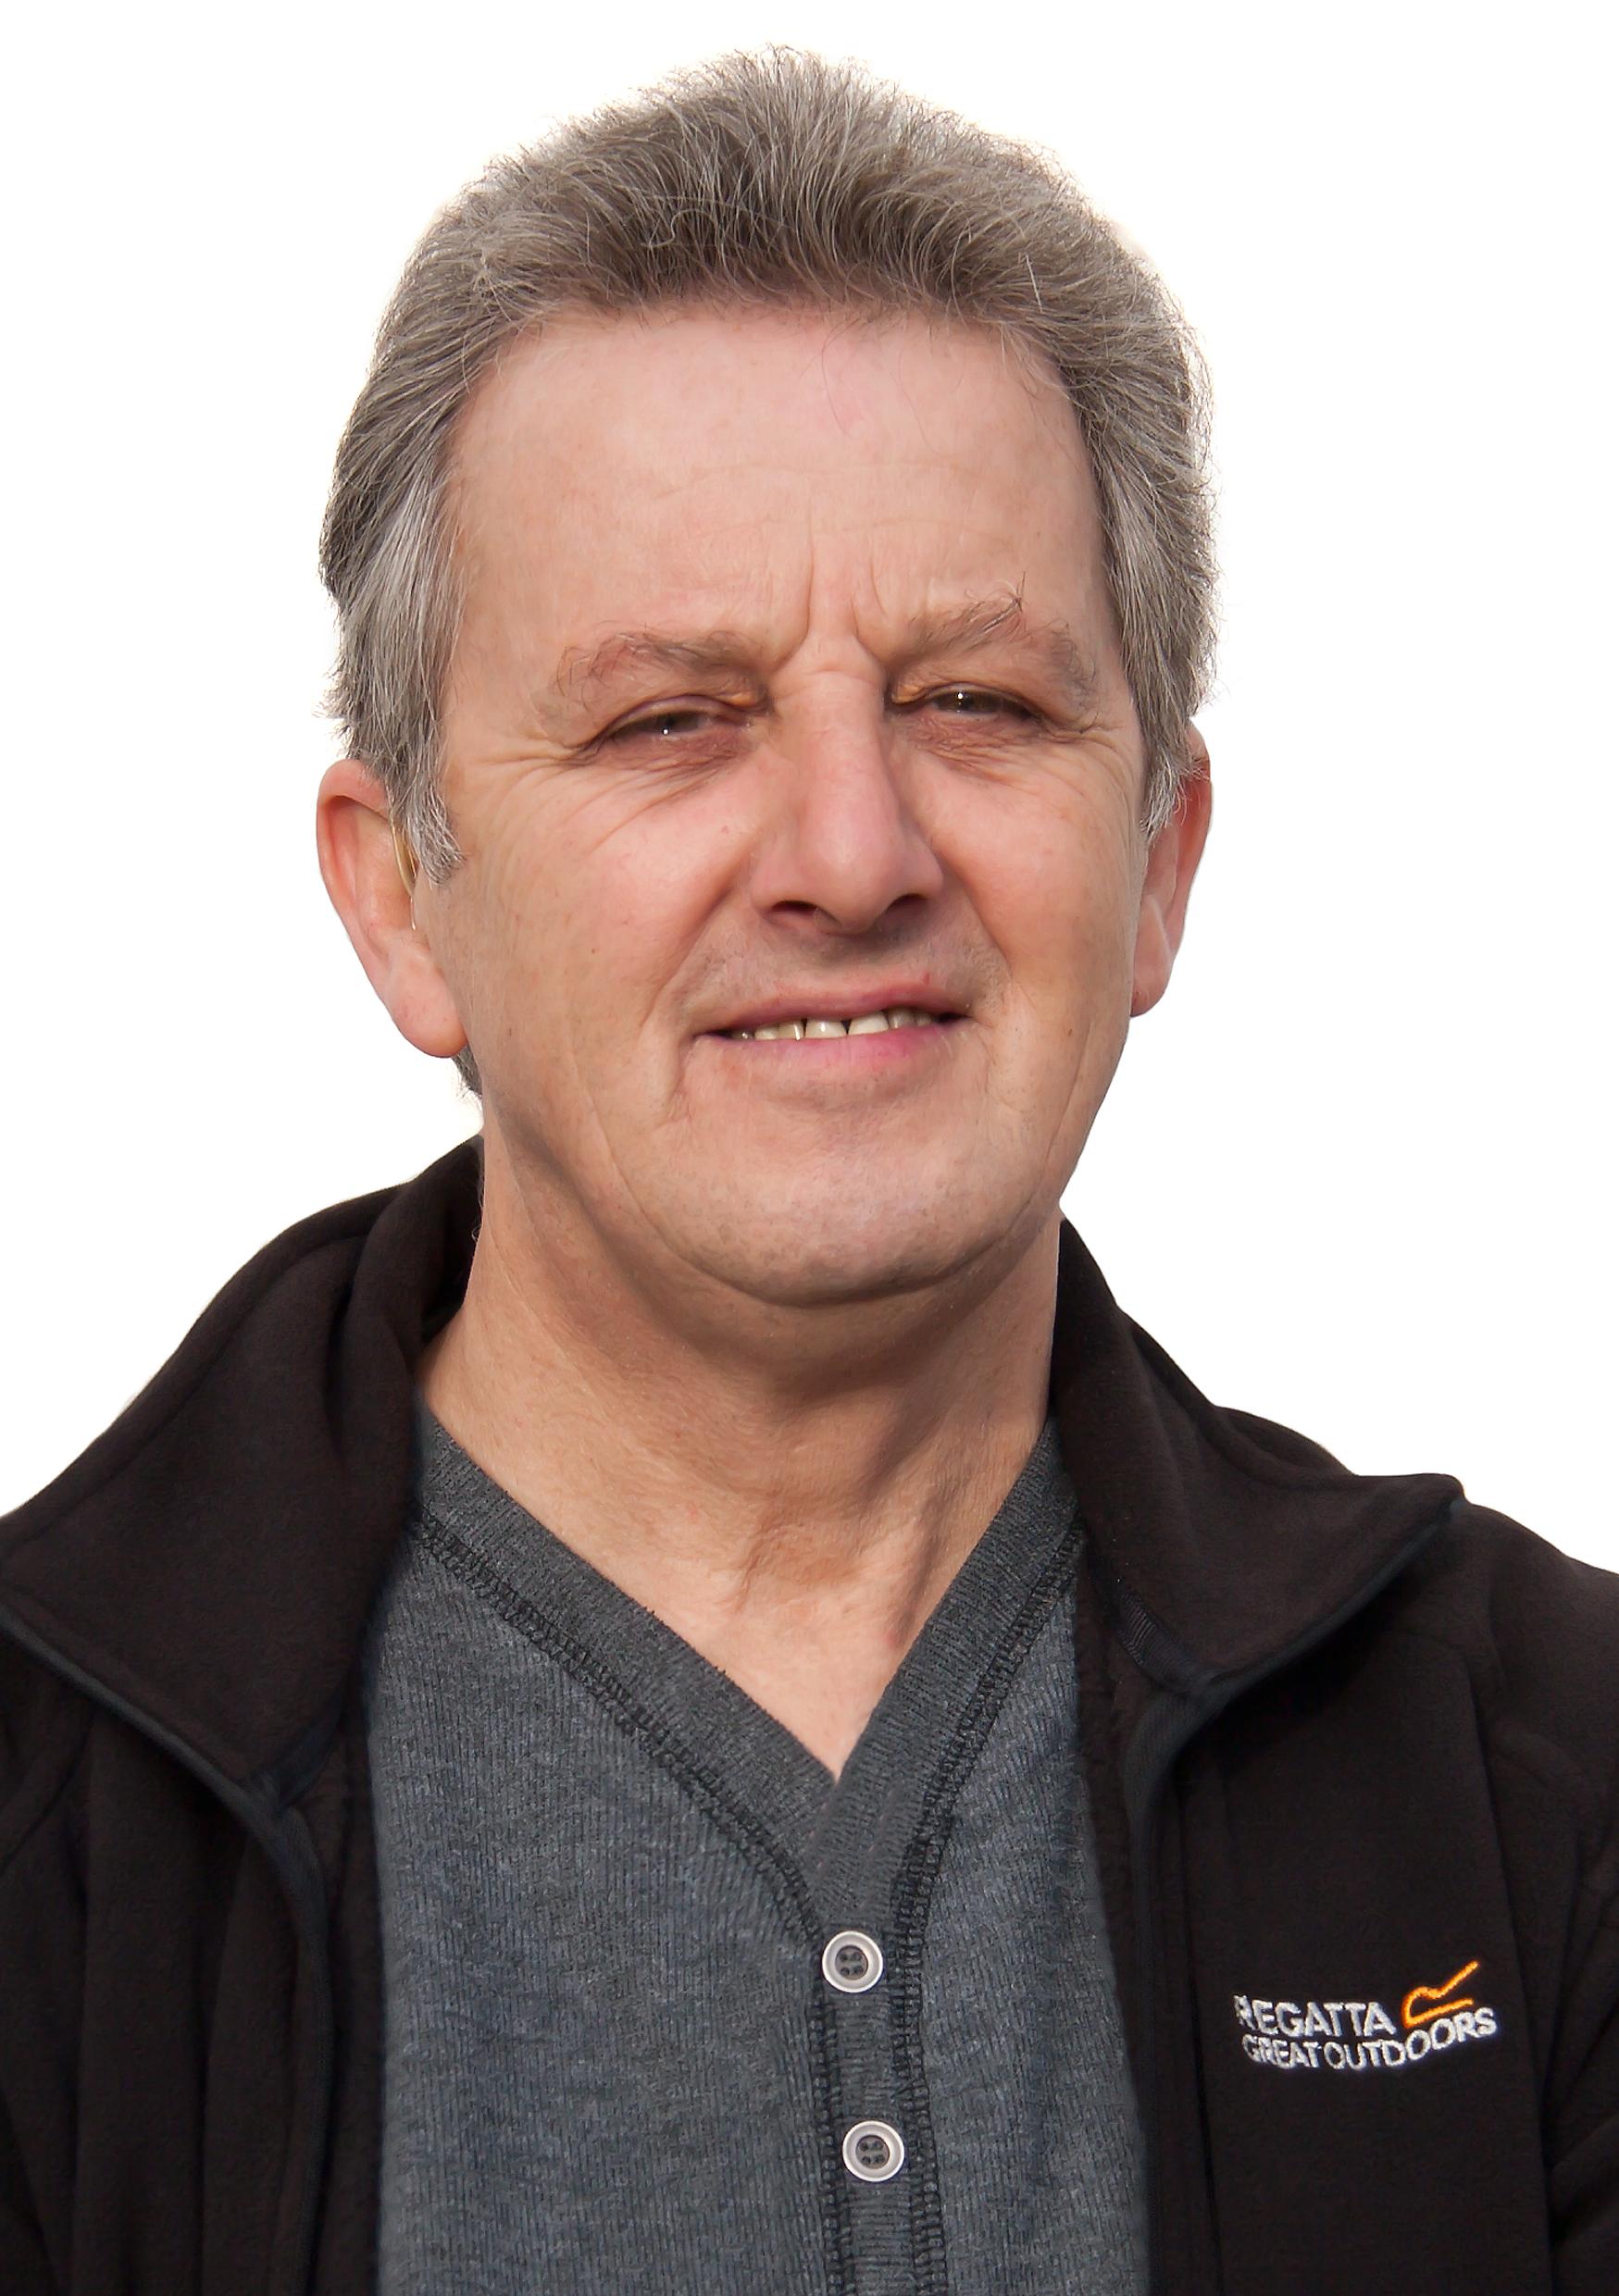 Jon Tebb